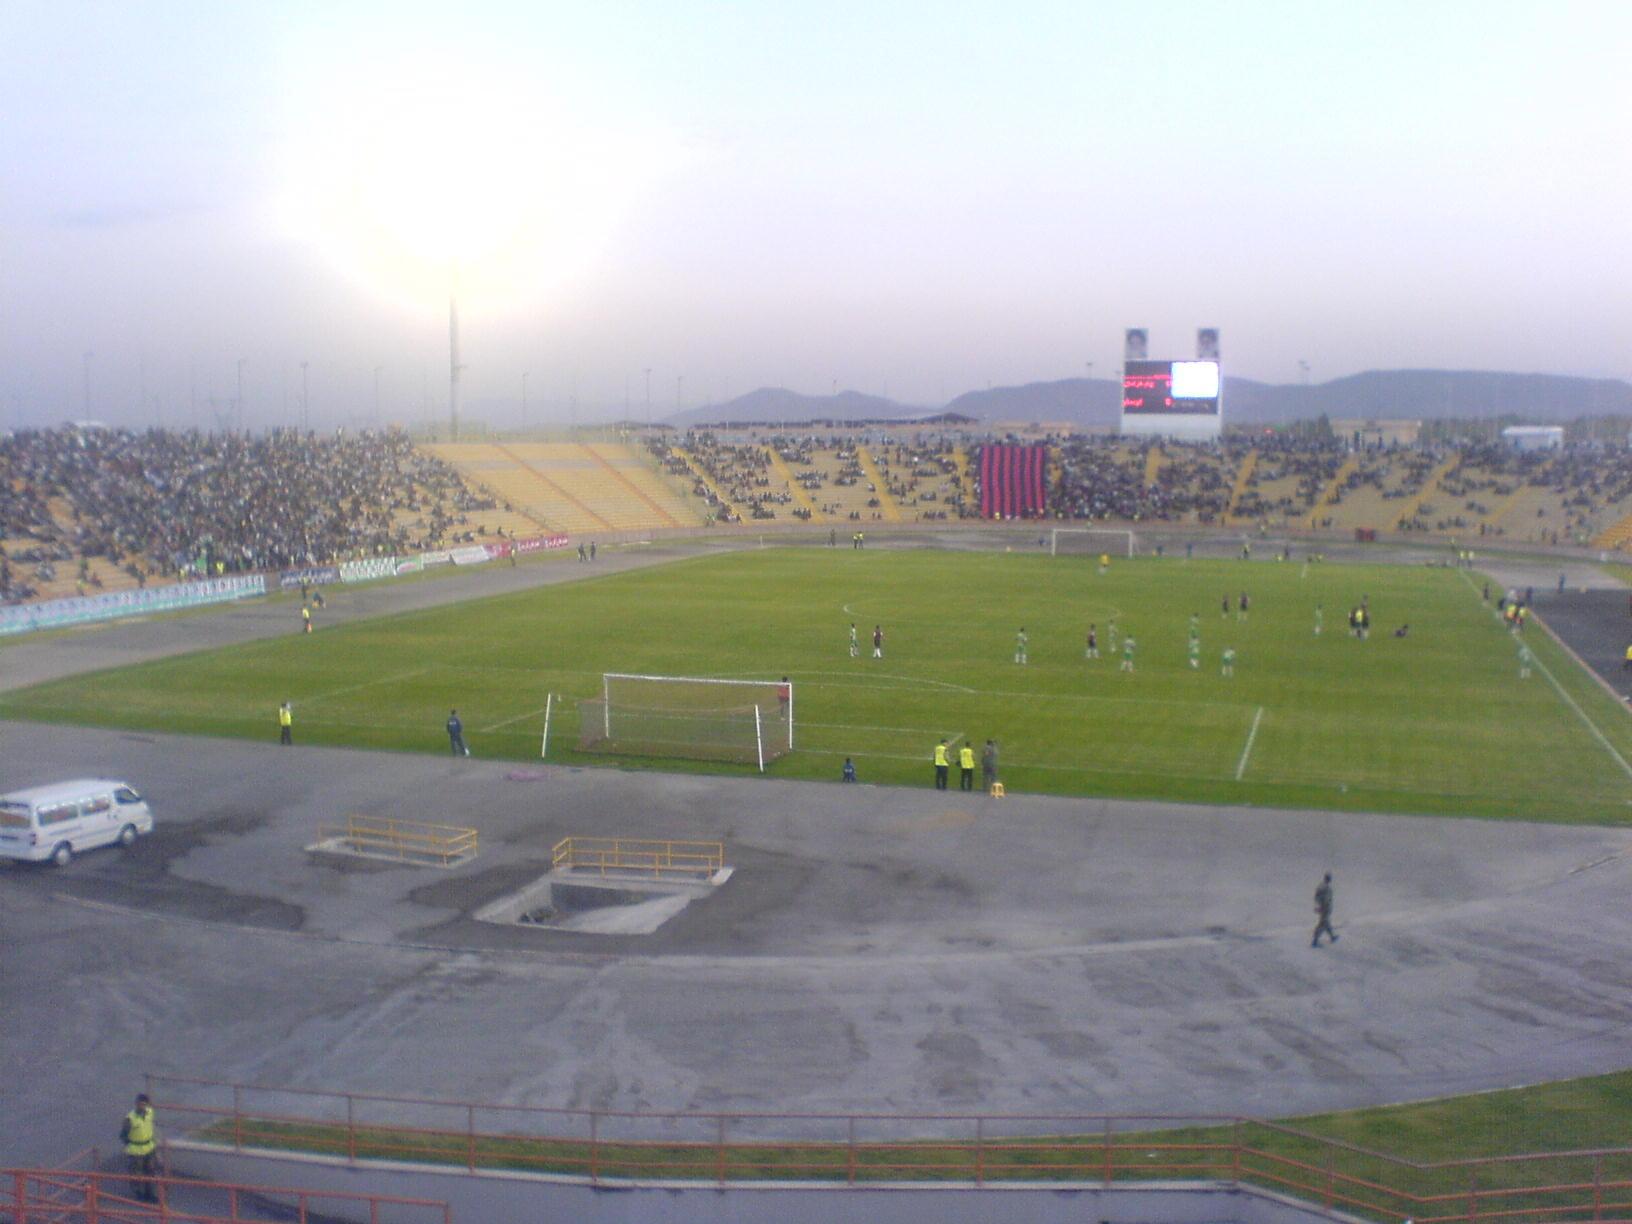 http://k-ultra.persiangig.com/Stadium.JPG